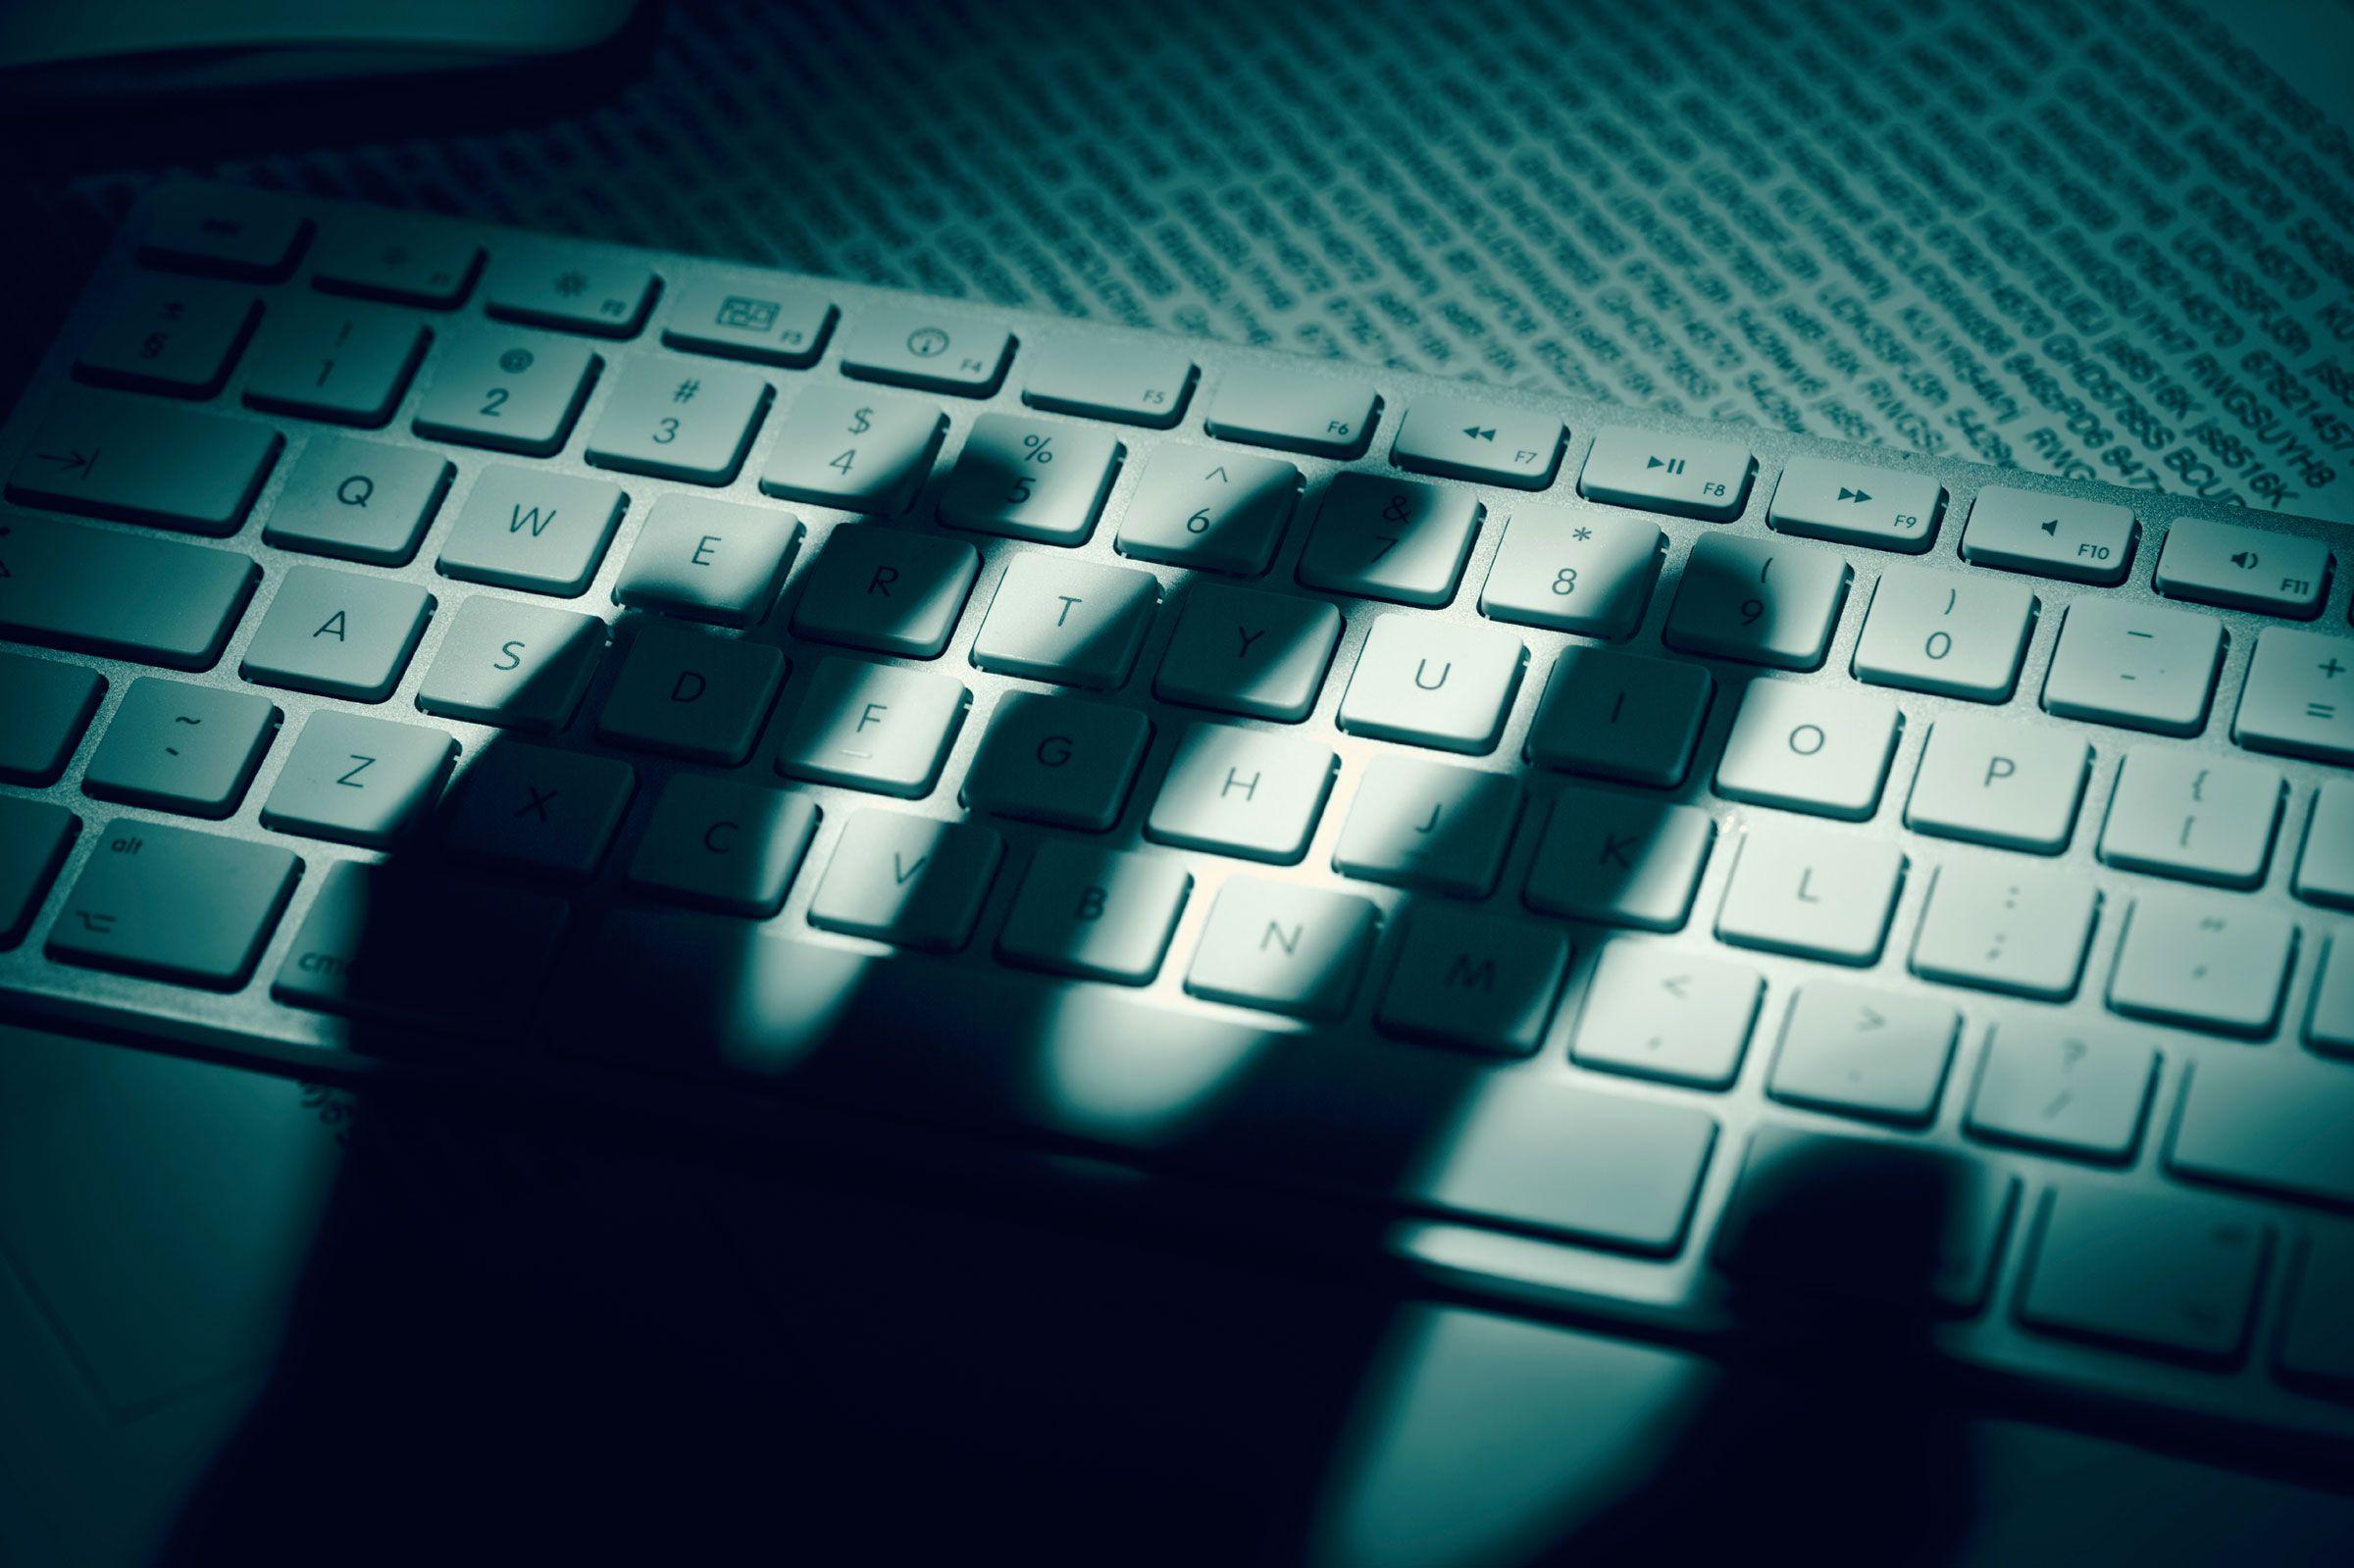 Εξαπατημένοι και δαρμένοι μένουν χρήστες διαδικτύου με την